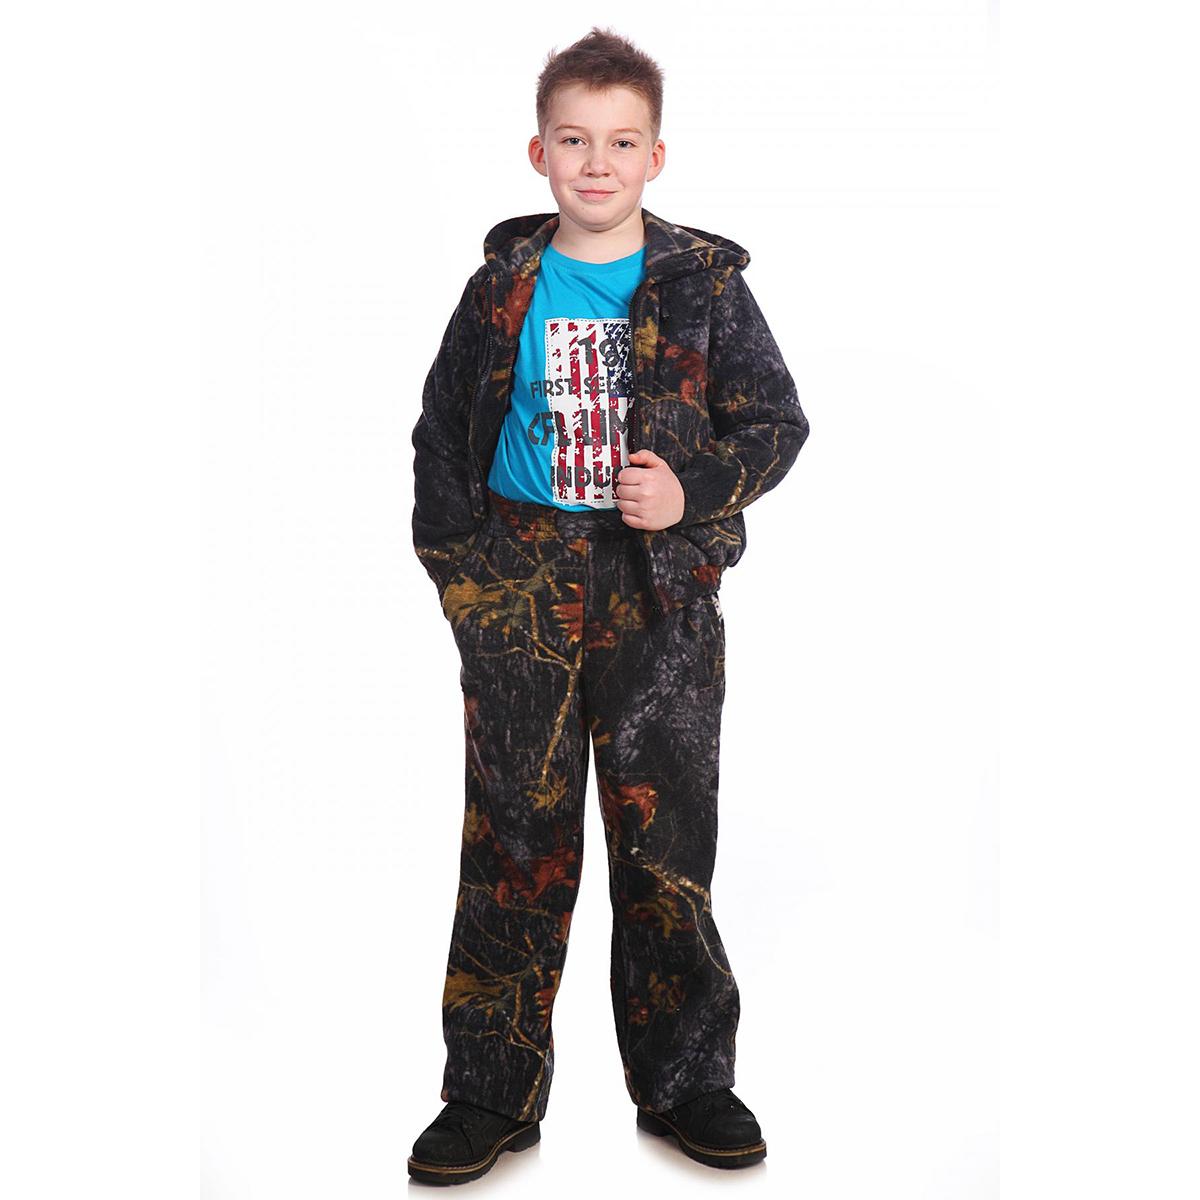 Детский костюм Панда, размер 32Костюмы<br><br><br>Тип: Дет. костюм<br>Размер: 32<br>Материал: Флис